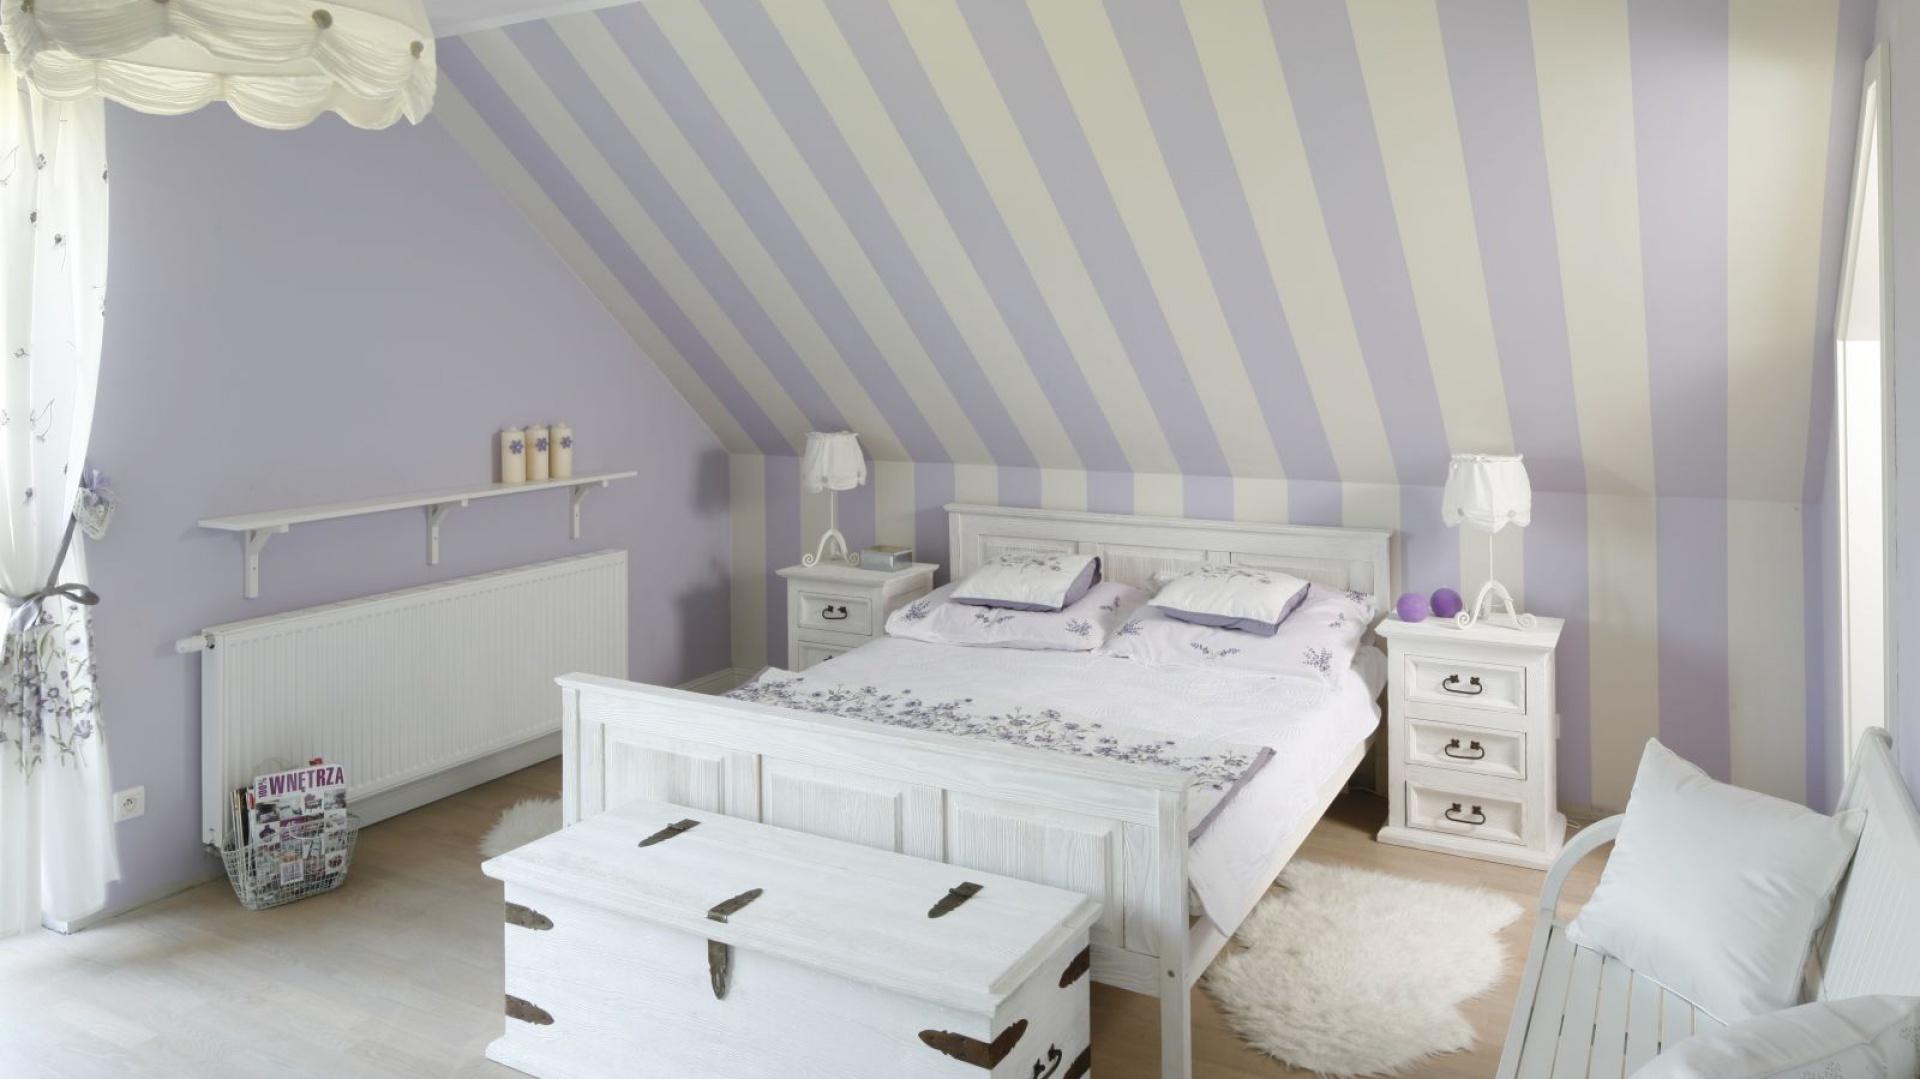 W przestronnej sypialni na...  Elegancka sypialnia. Piękne wnętrza z polskich domów  Strona: 9